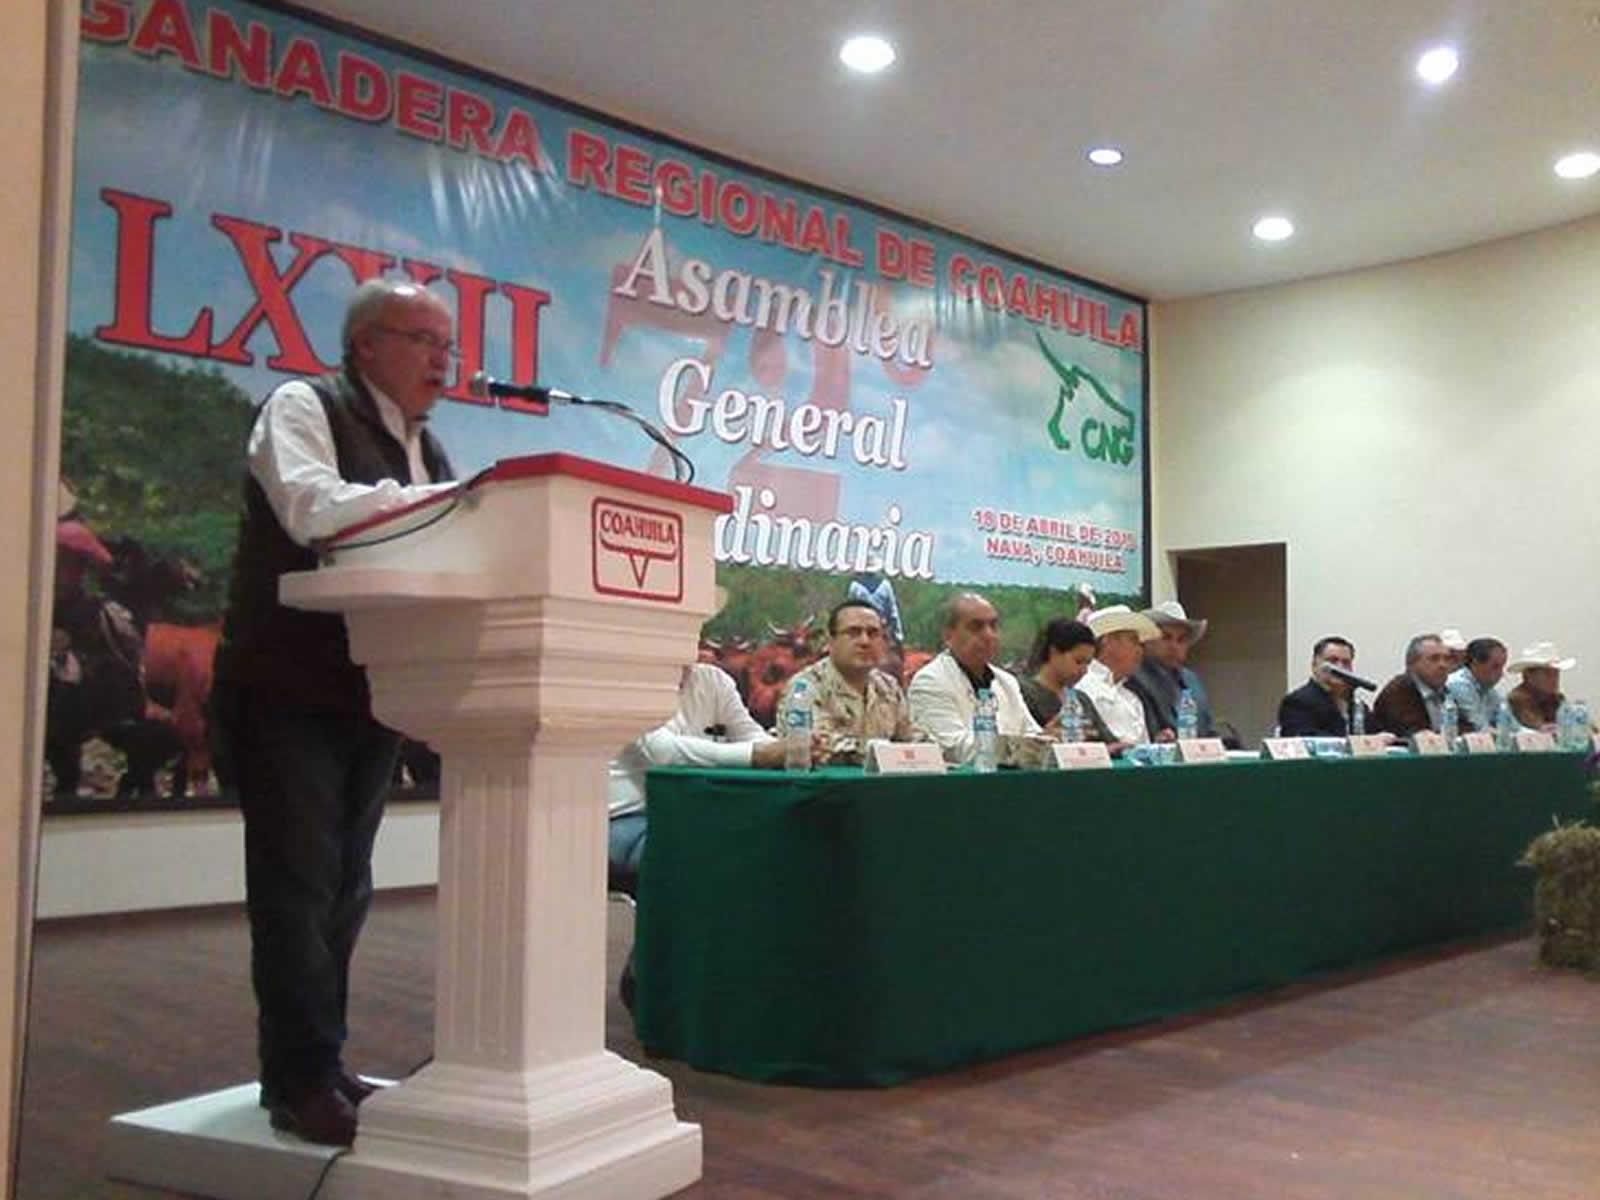 Realizan asamblea general de la Unión Ganadera Regional de Coahuila.